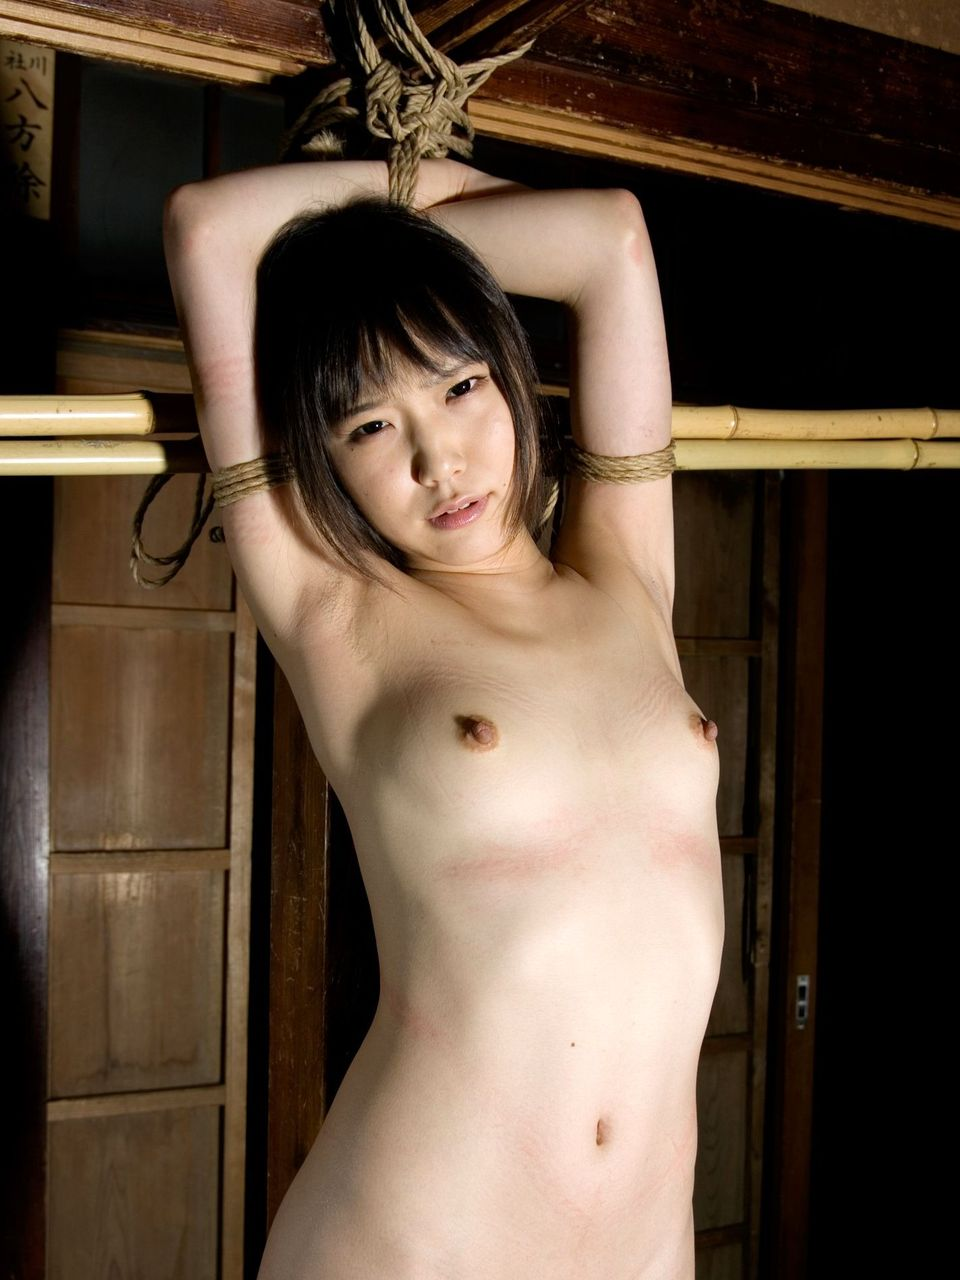 縄で体中を縛り上げられている女の子 (2)